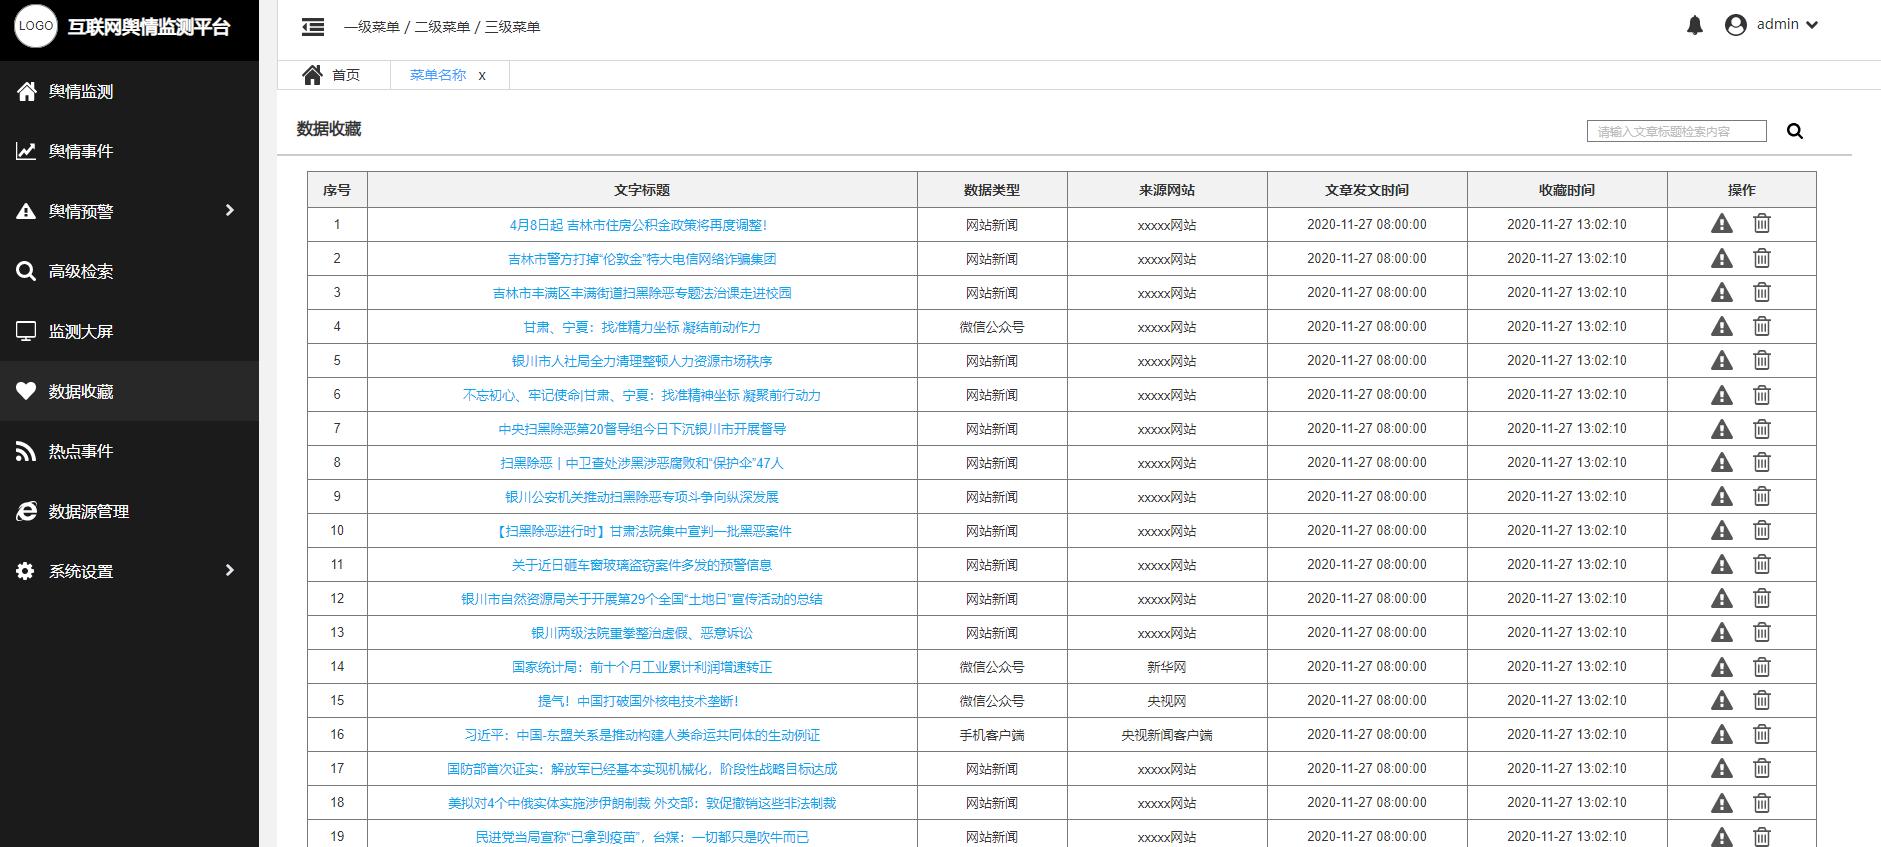 微信截图-20201208164250